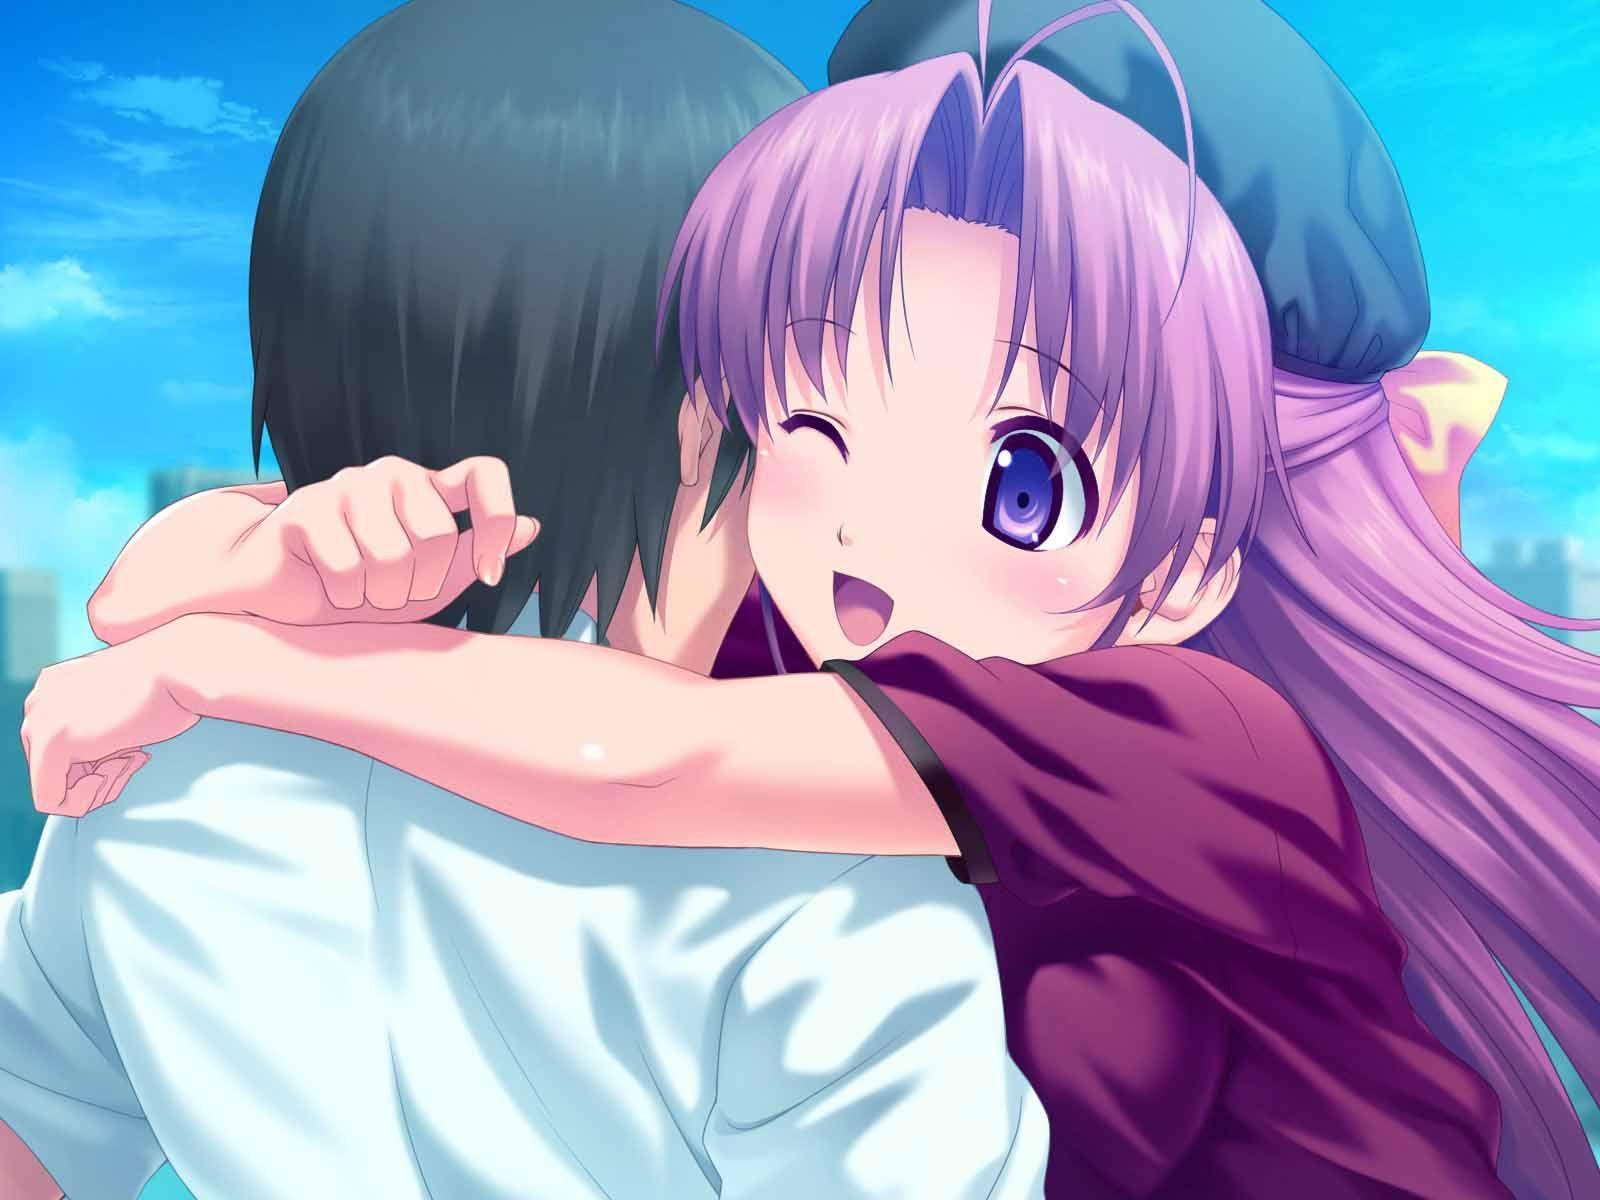 Cute Anime Hug Happy Hug Day Images Anime Hug Anime Happy Hug Day Images